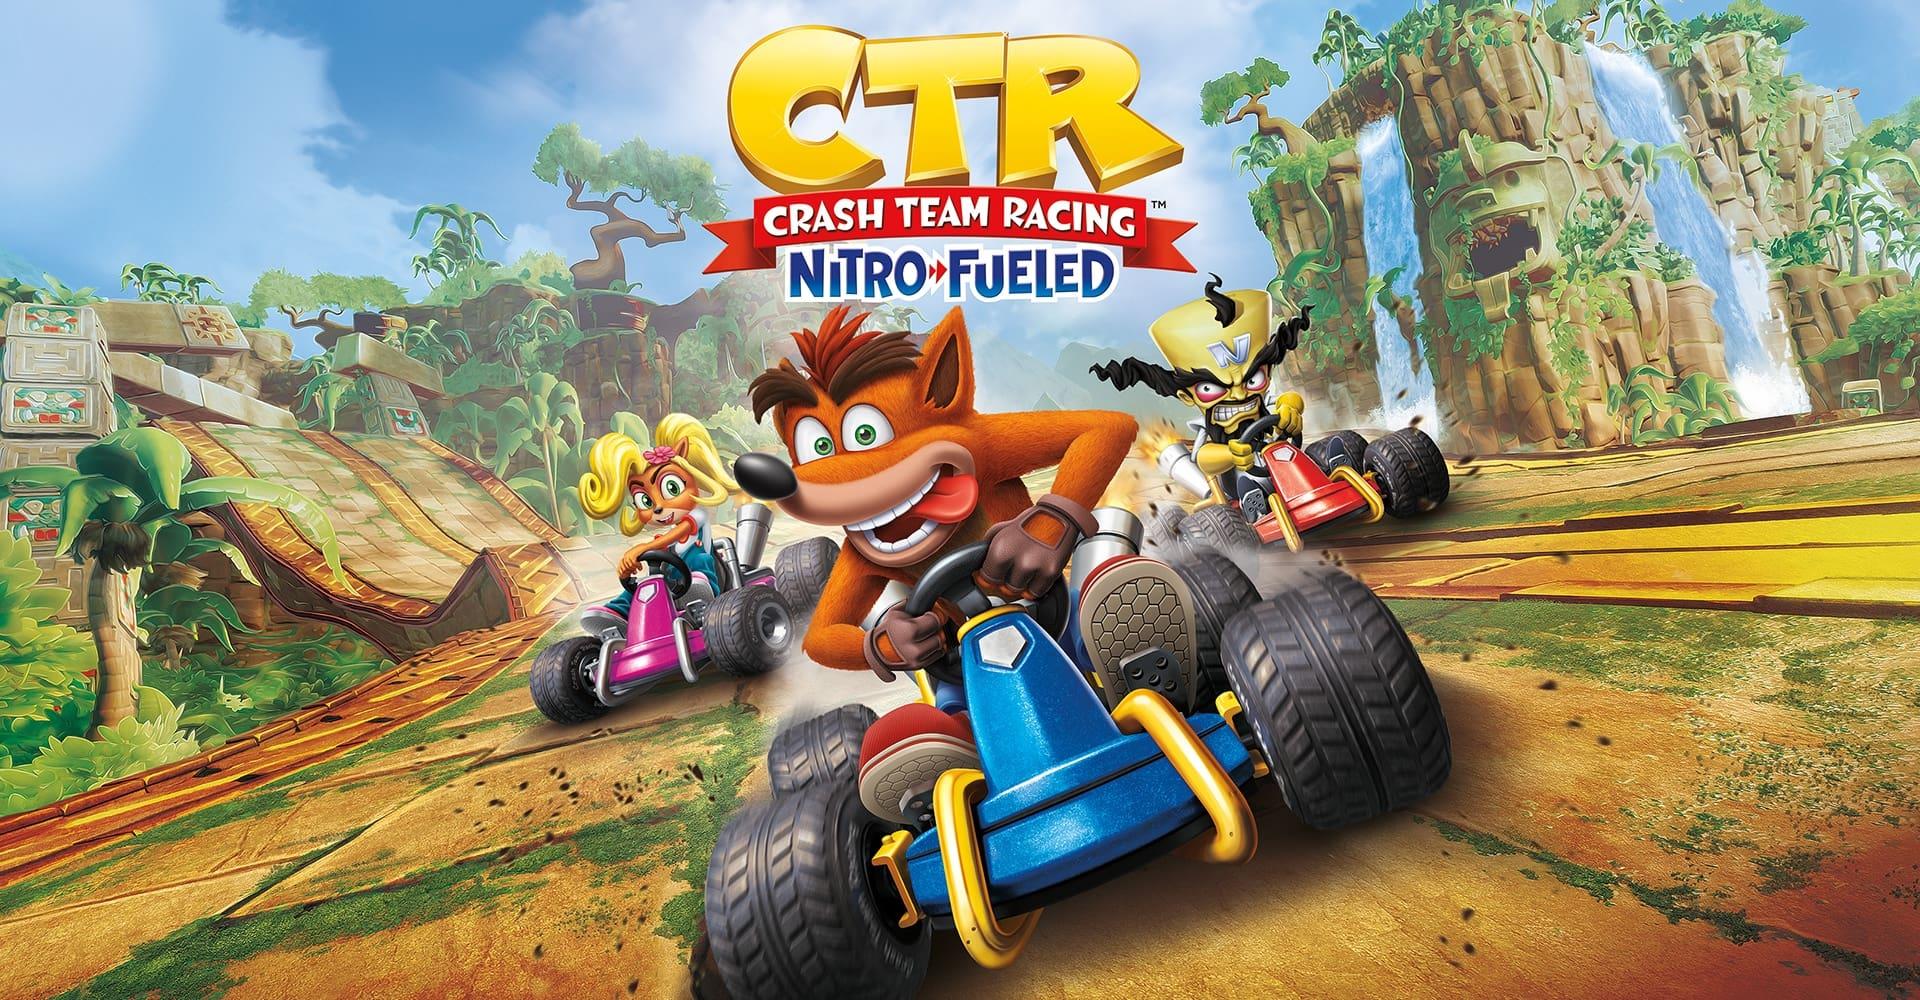 Crash Team Racing Nitro Fueled Recensione: (ri)accendiamo i motori! 1